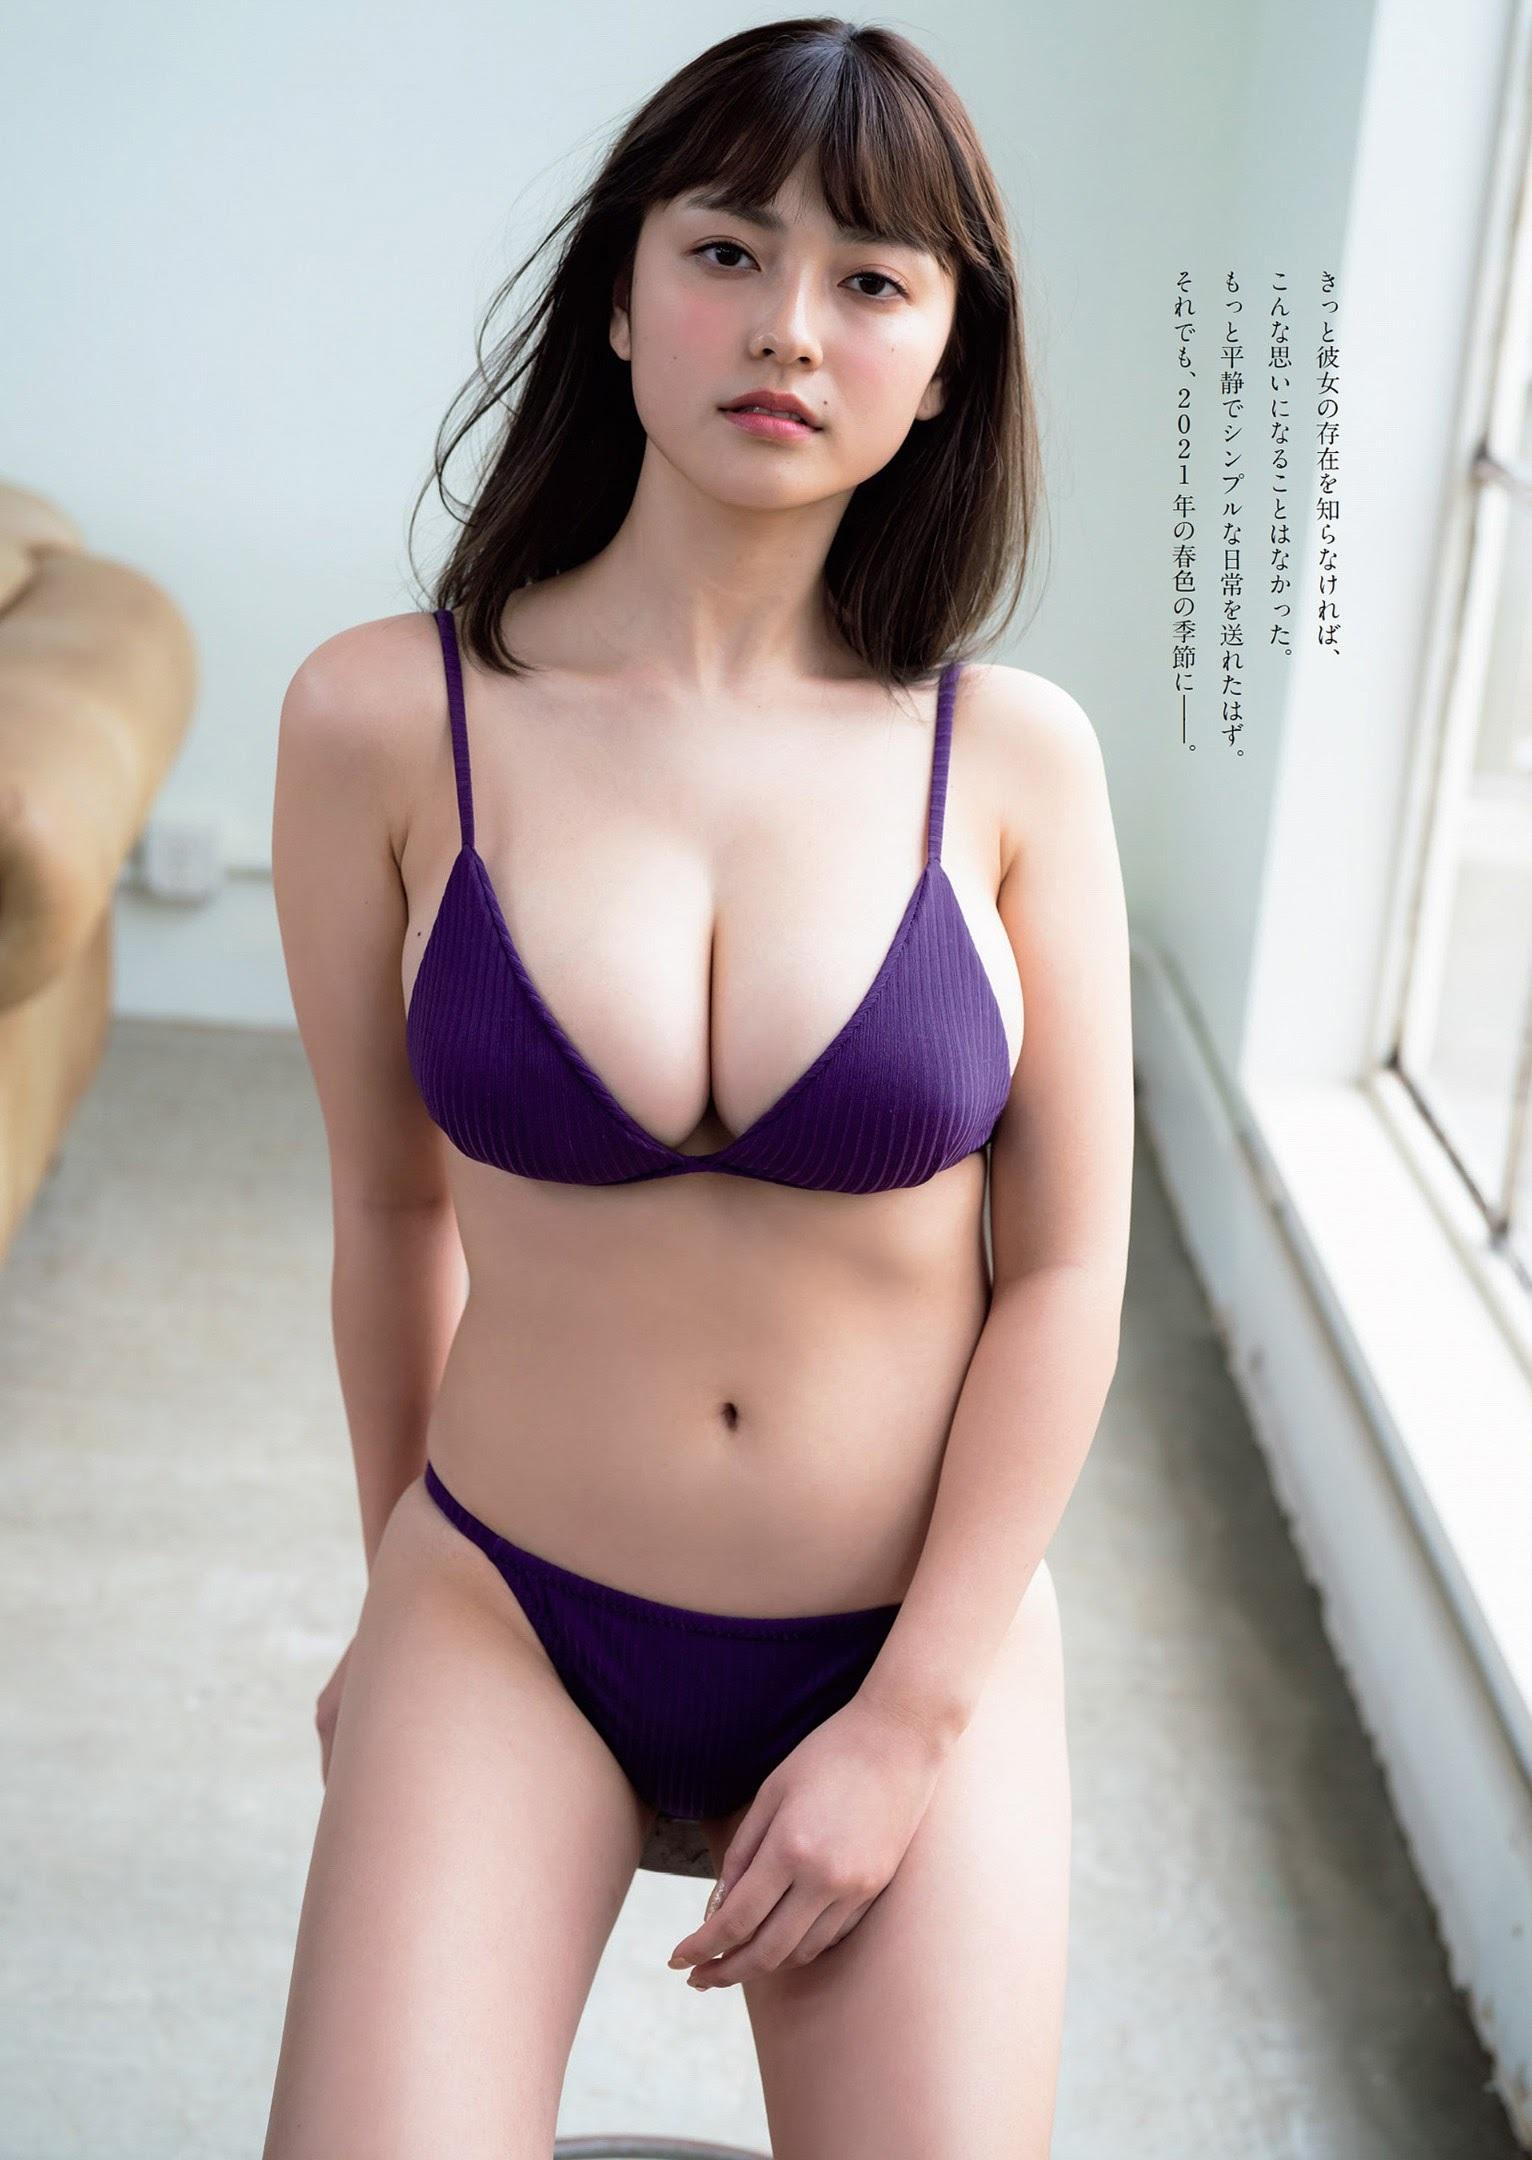 櫻井音乃5